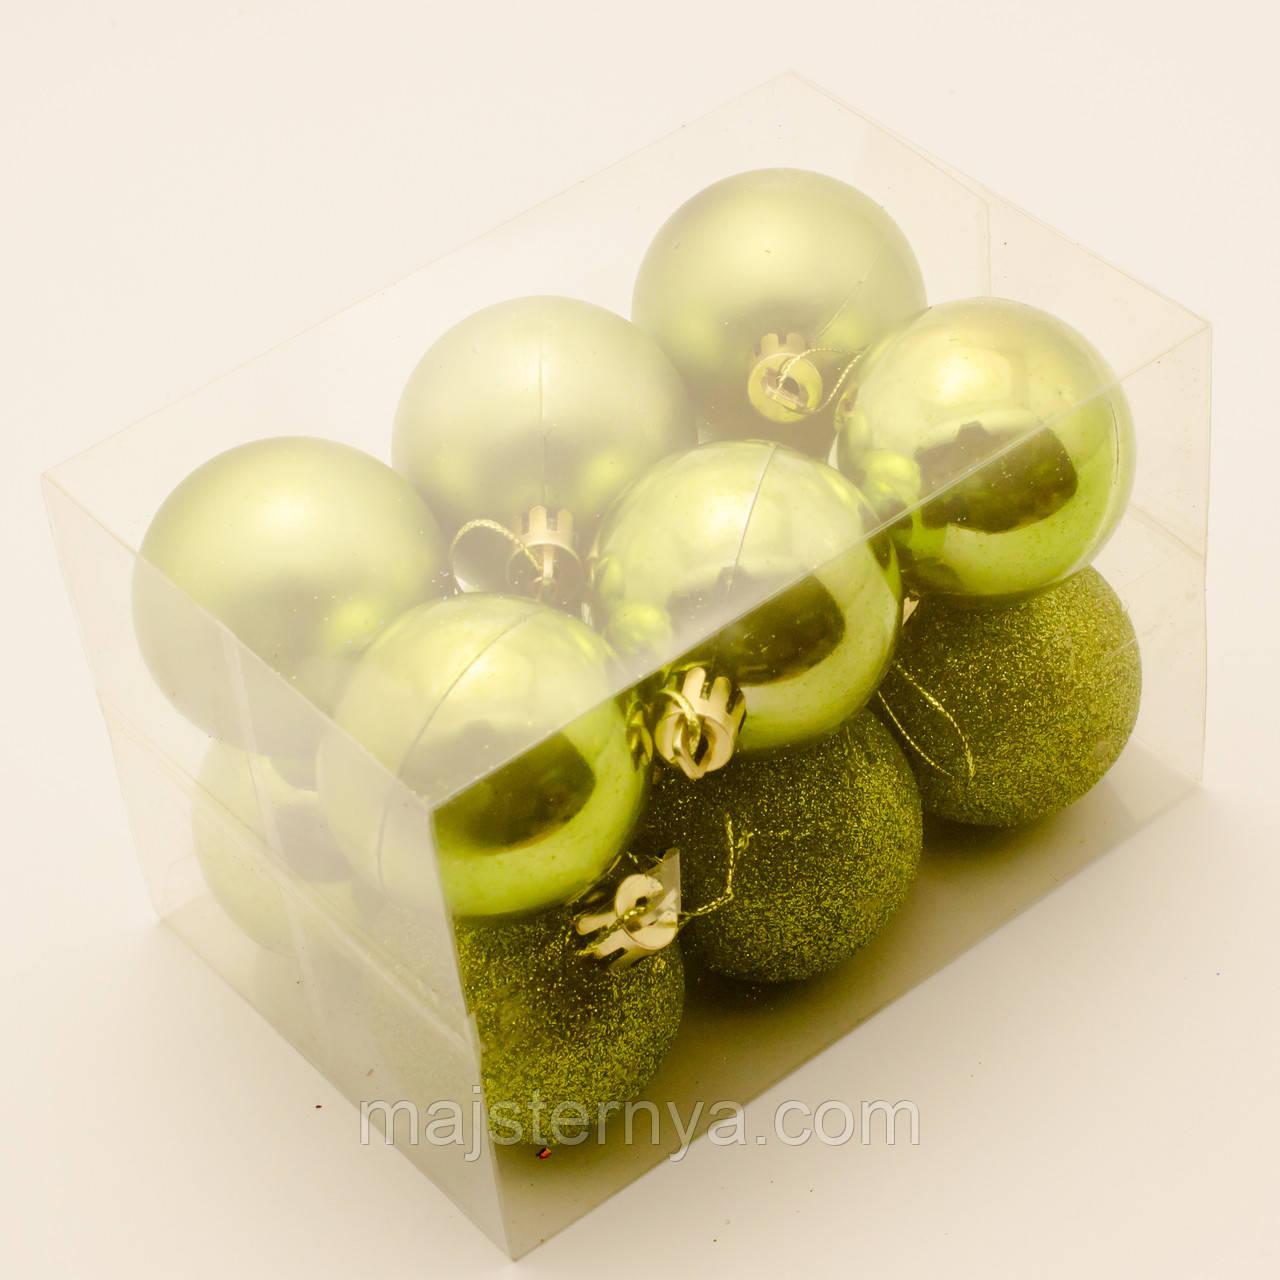 Новорічні кулі на ялинку 5см (12шт в упаковці) зелені